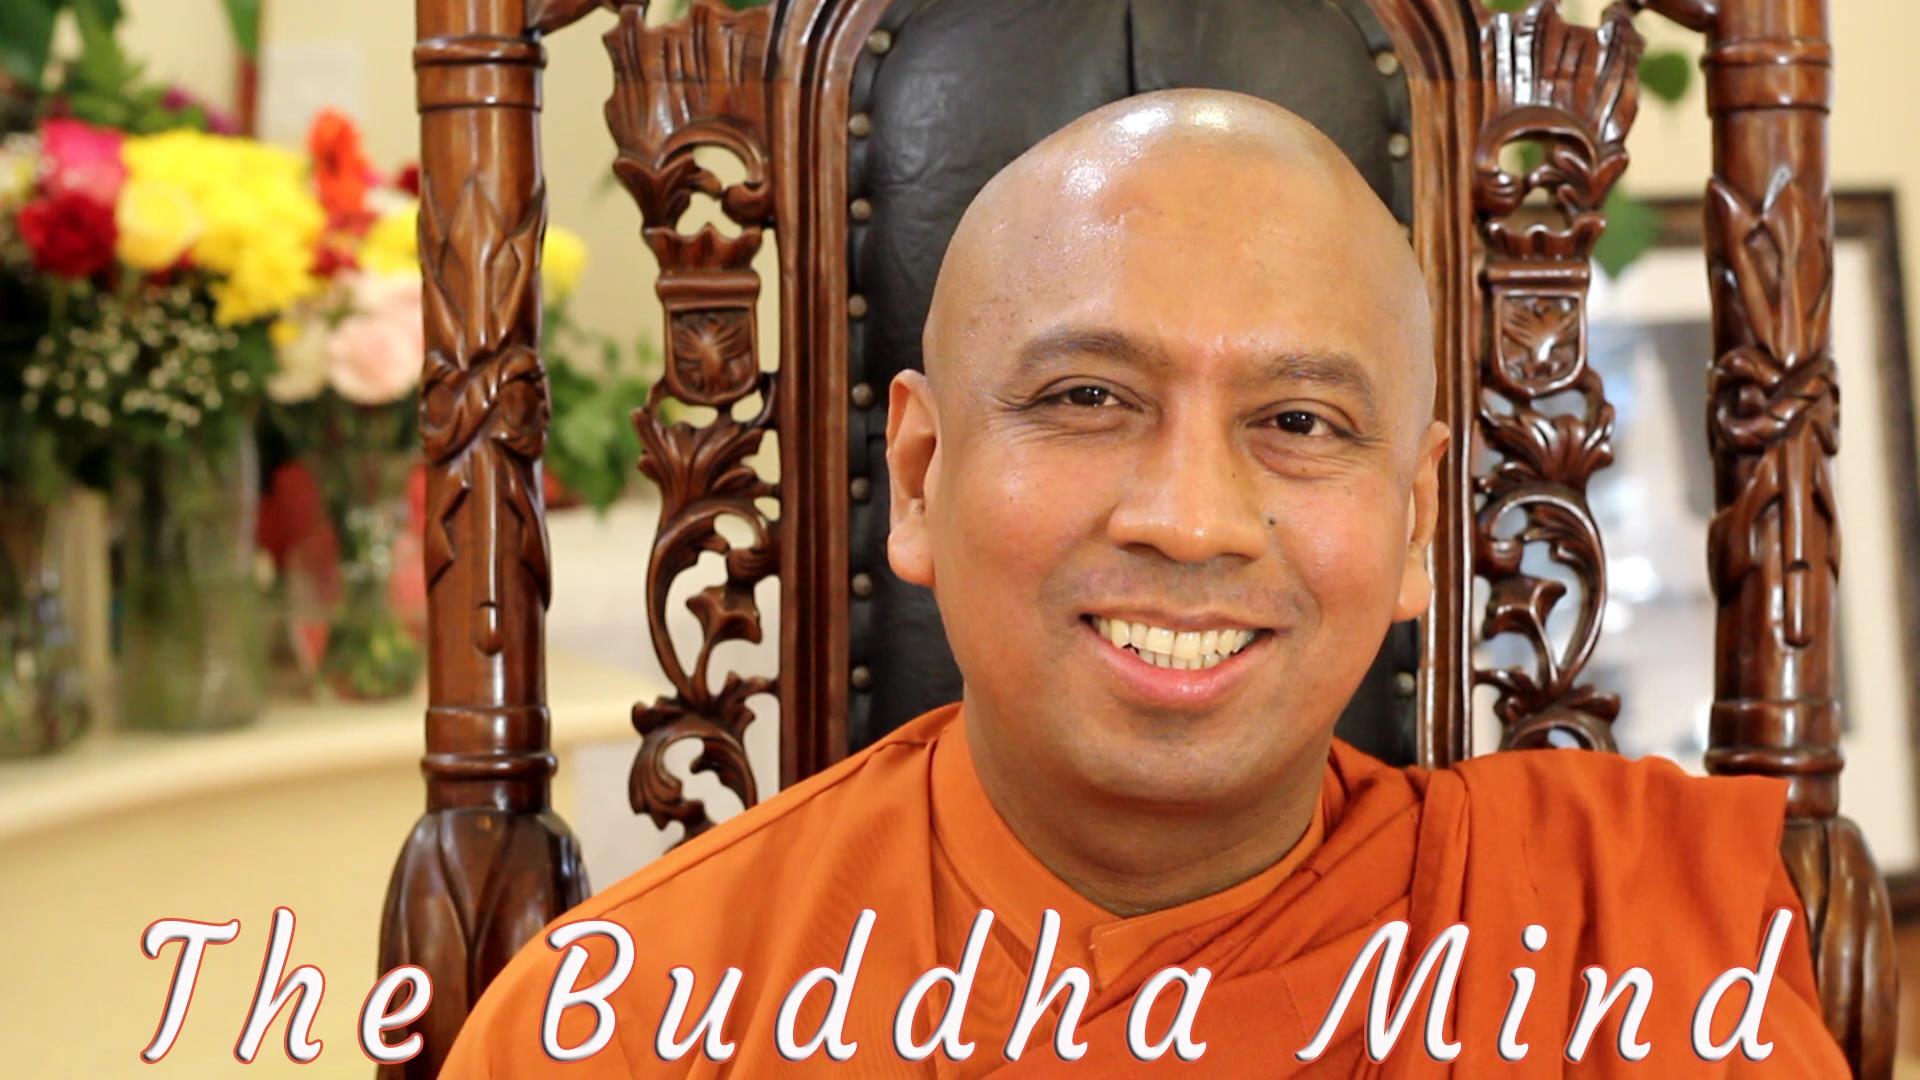 Eye On Life: The Buddha Mind